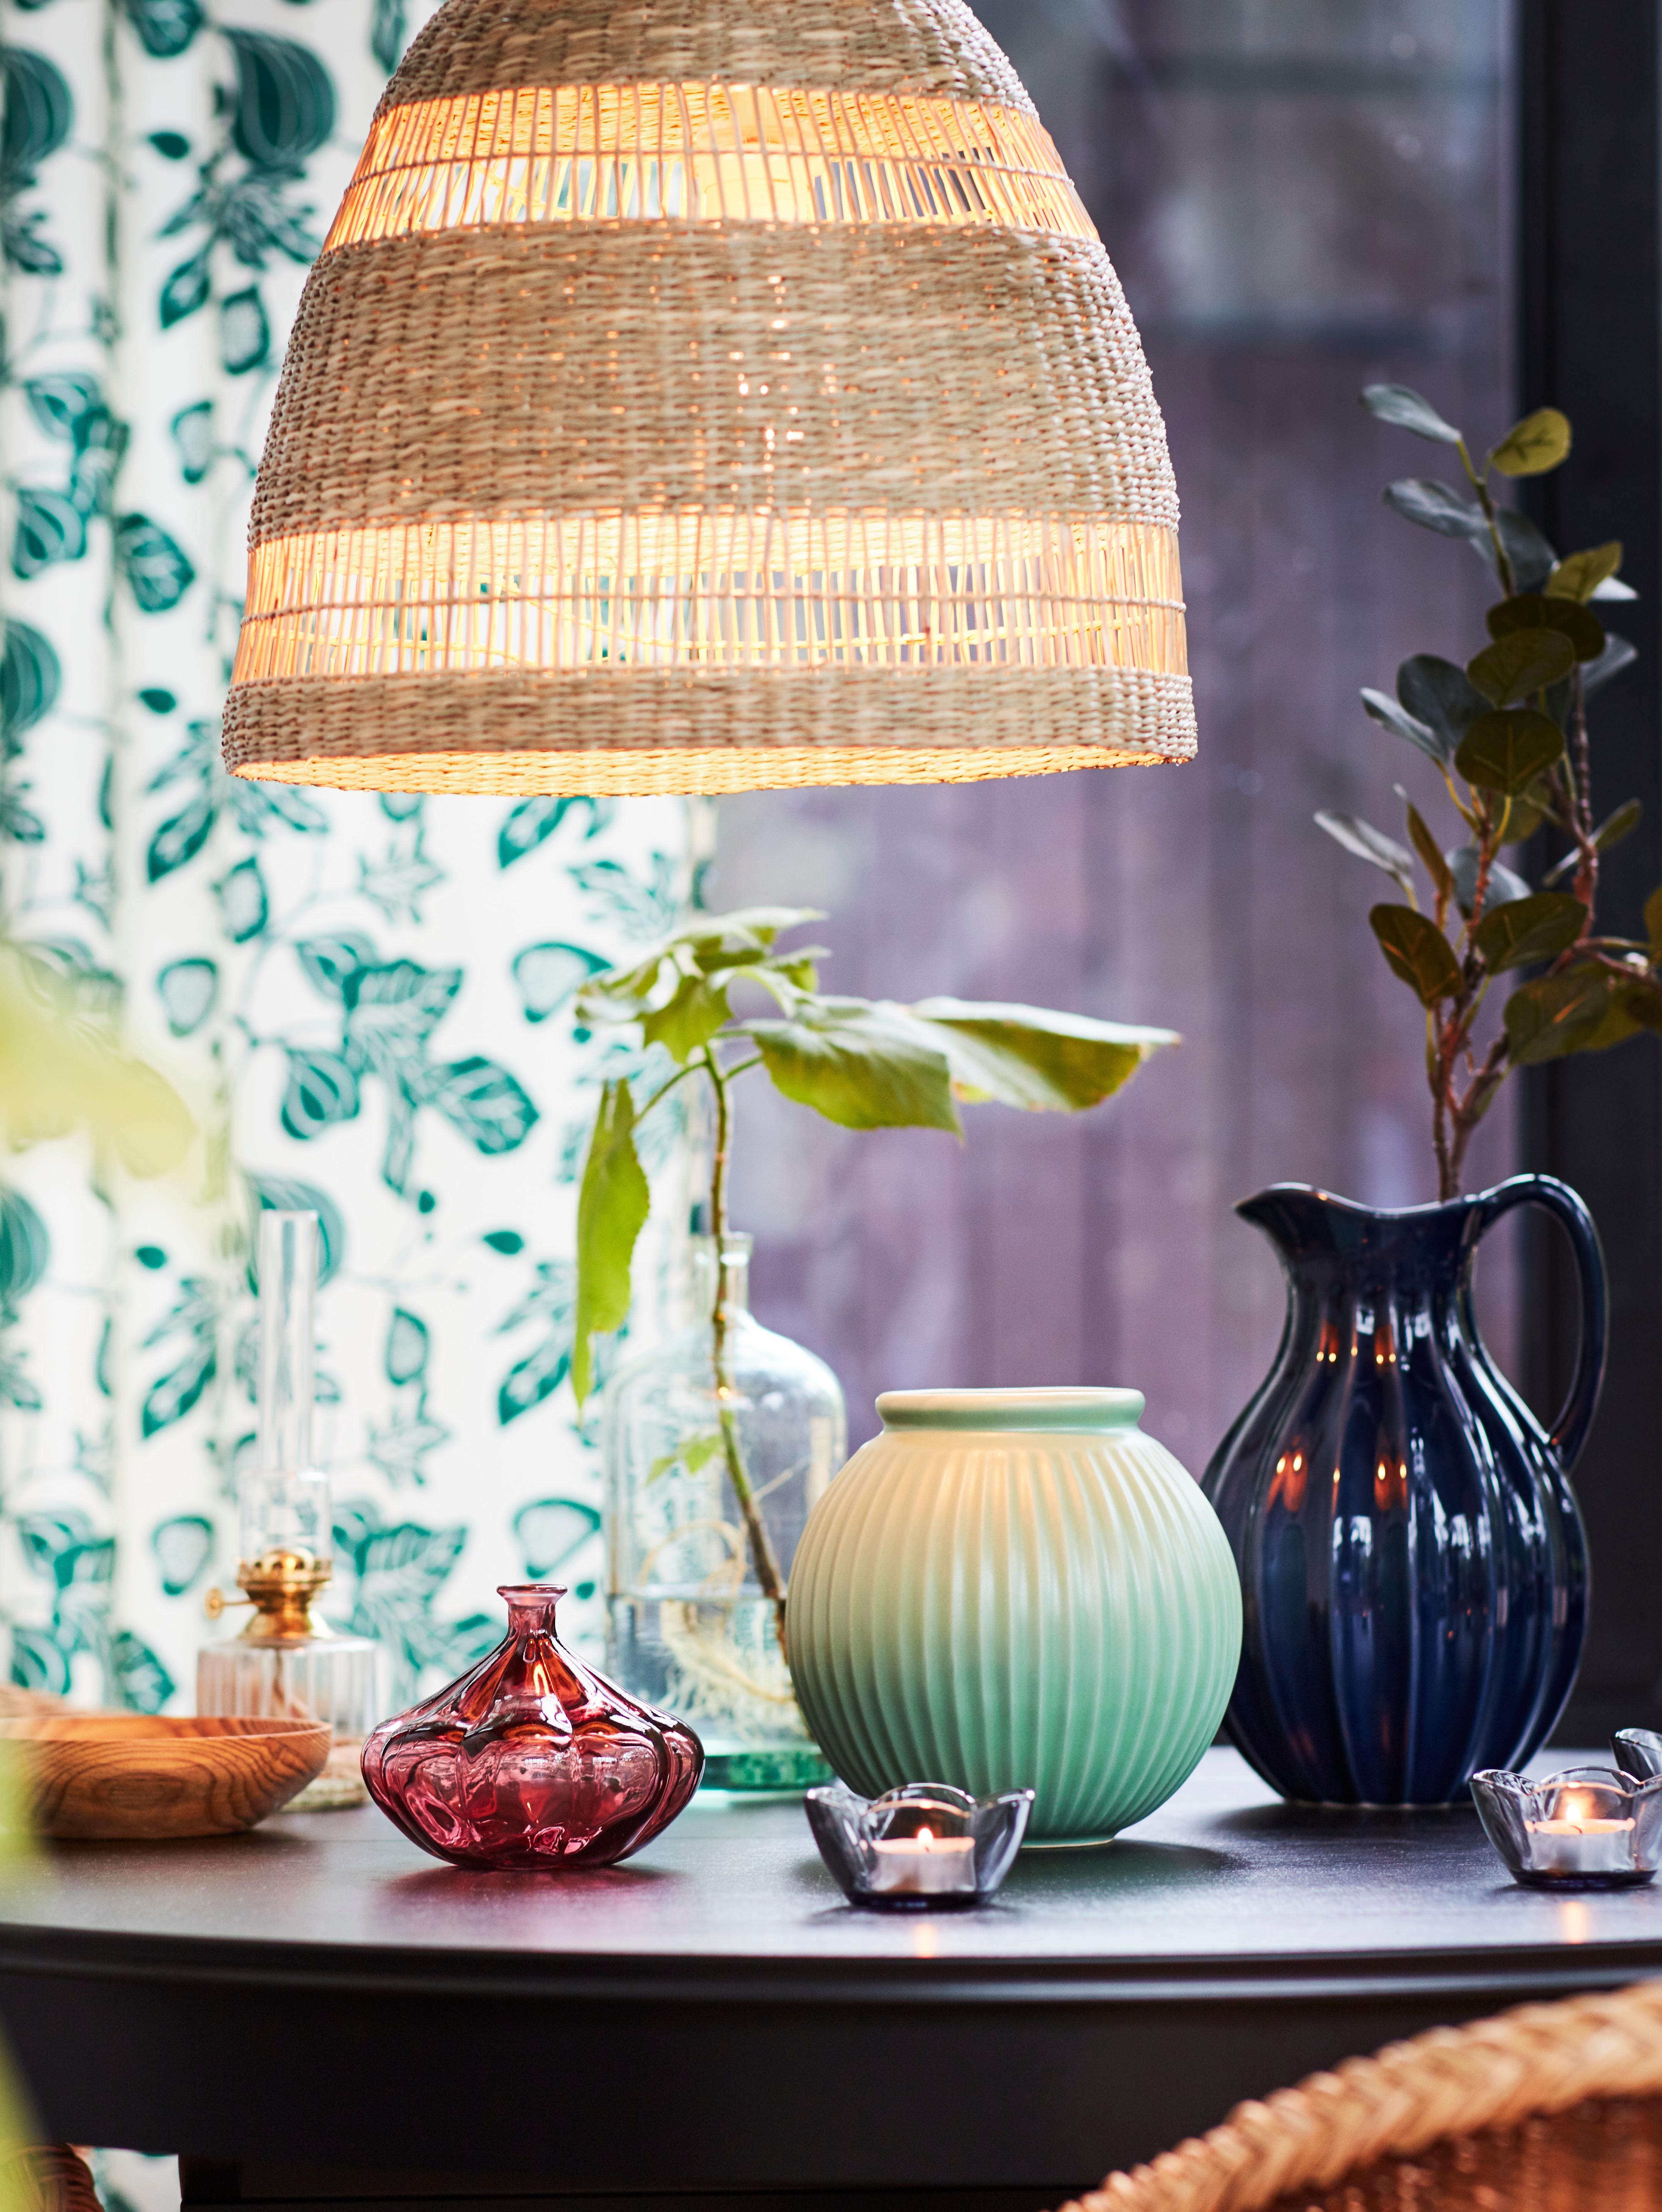 Un paralume per lampada a sospensione TORARED realizzato con piante erbacee intrecciate a mano è appeso sopra un tavolo rotondo sul quale sono disposti diversi vasi e candele.